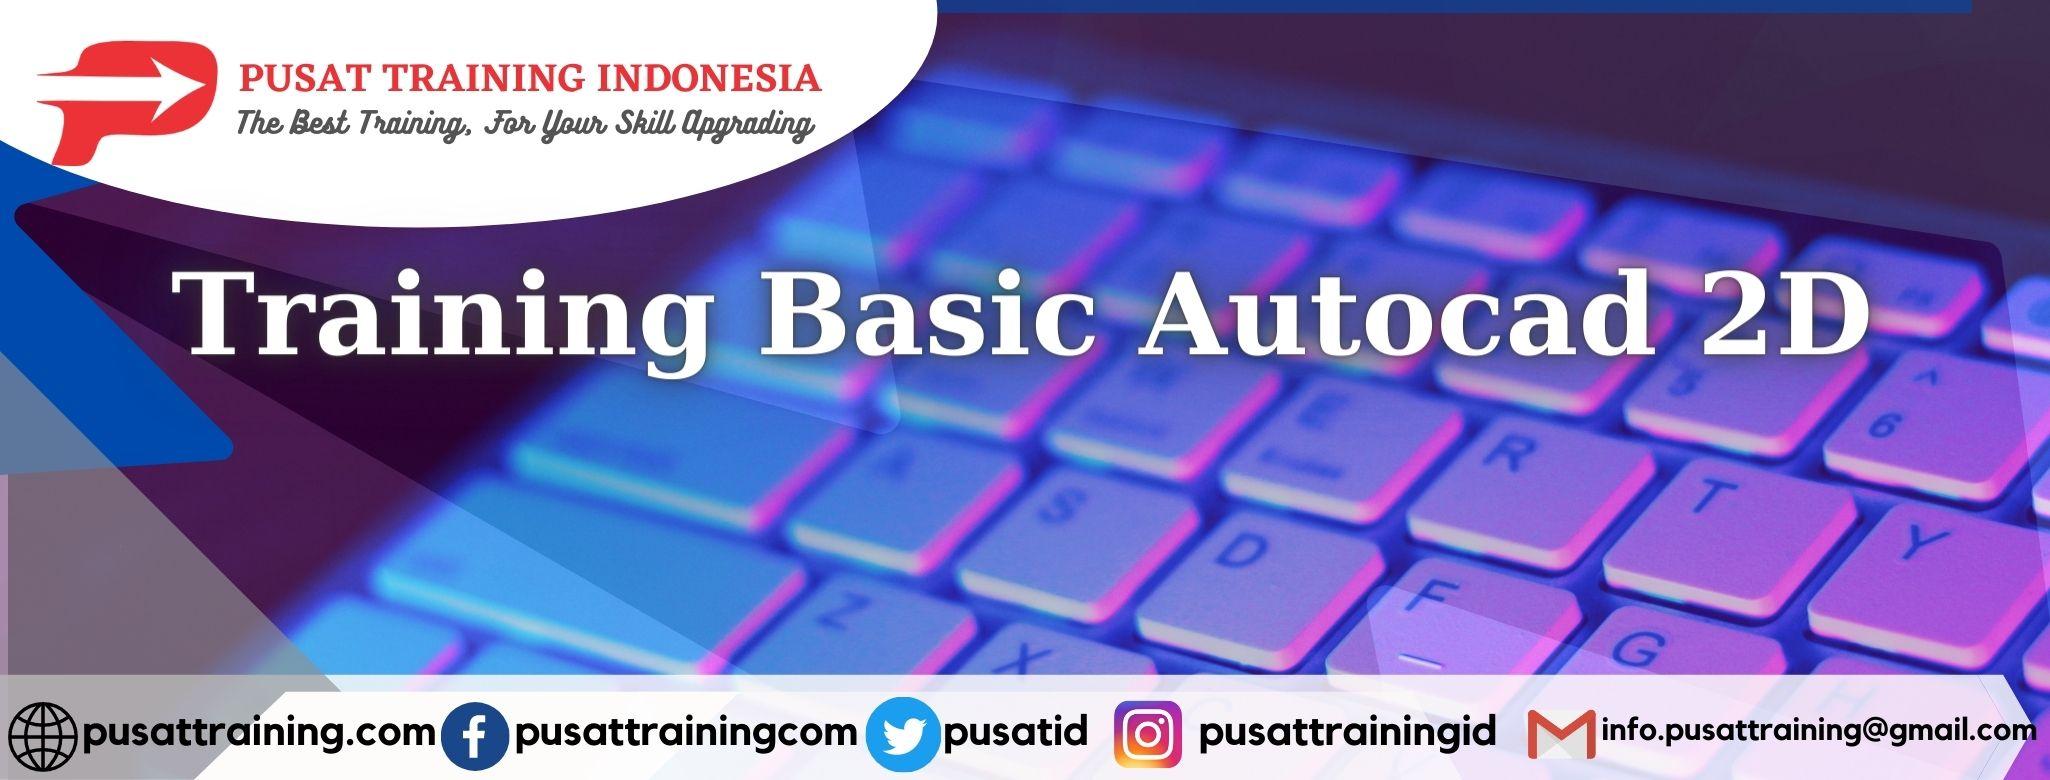 Training-Basic-Autocad-2D